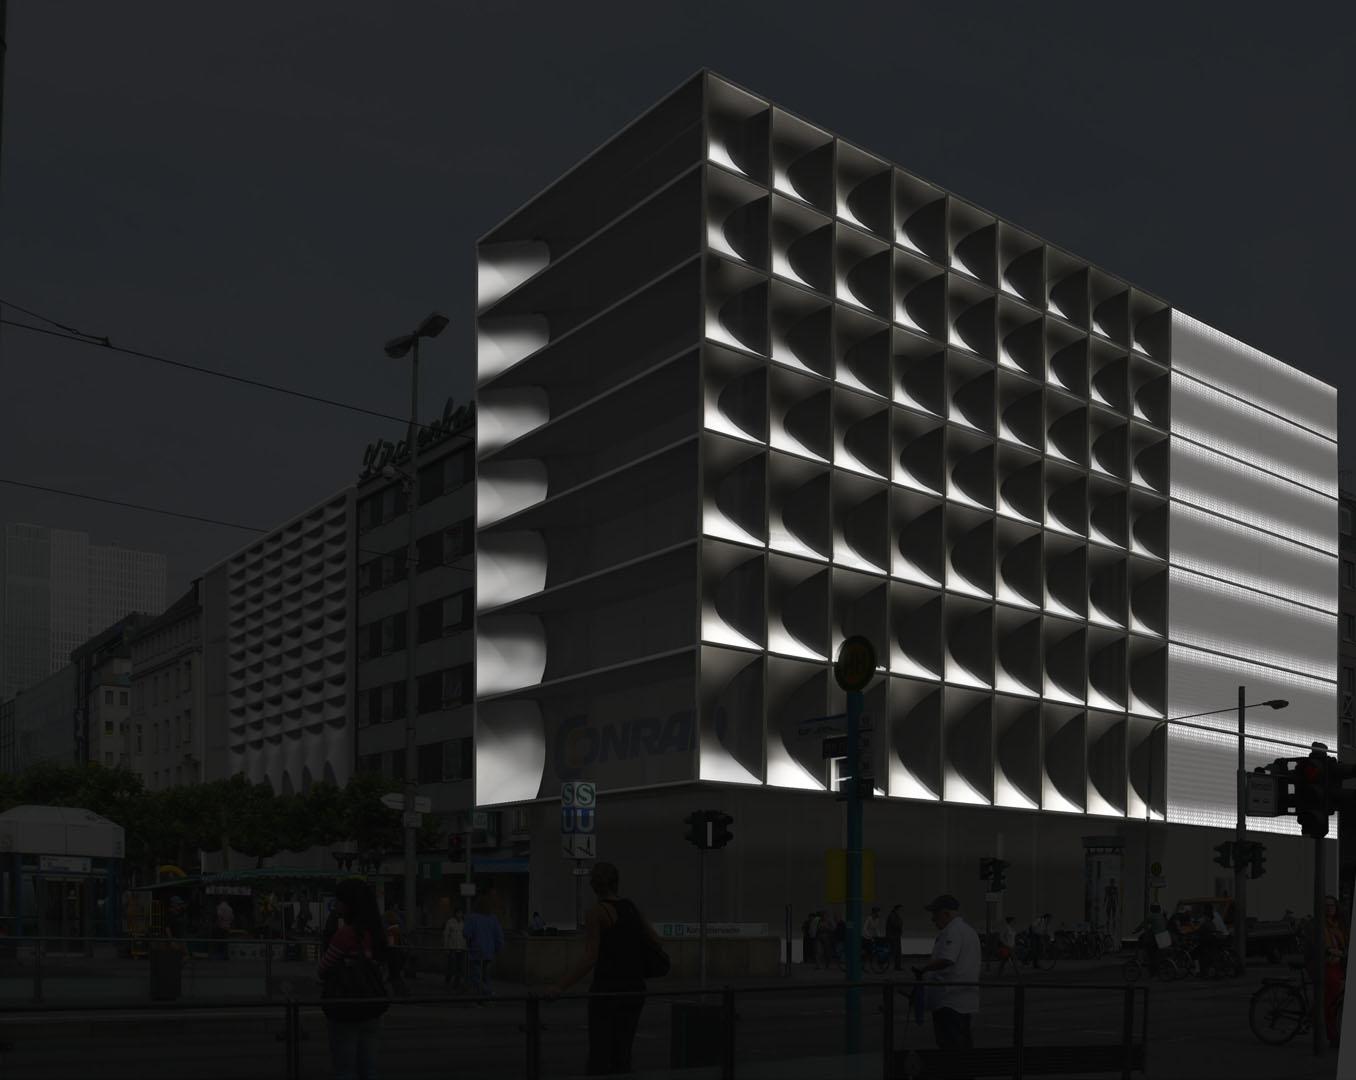 MAASS-Lichtplanung_Fassadenbeleuchtungskonzept für Frankfurter Geschäftshaus__MAASS-Zeil-006